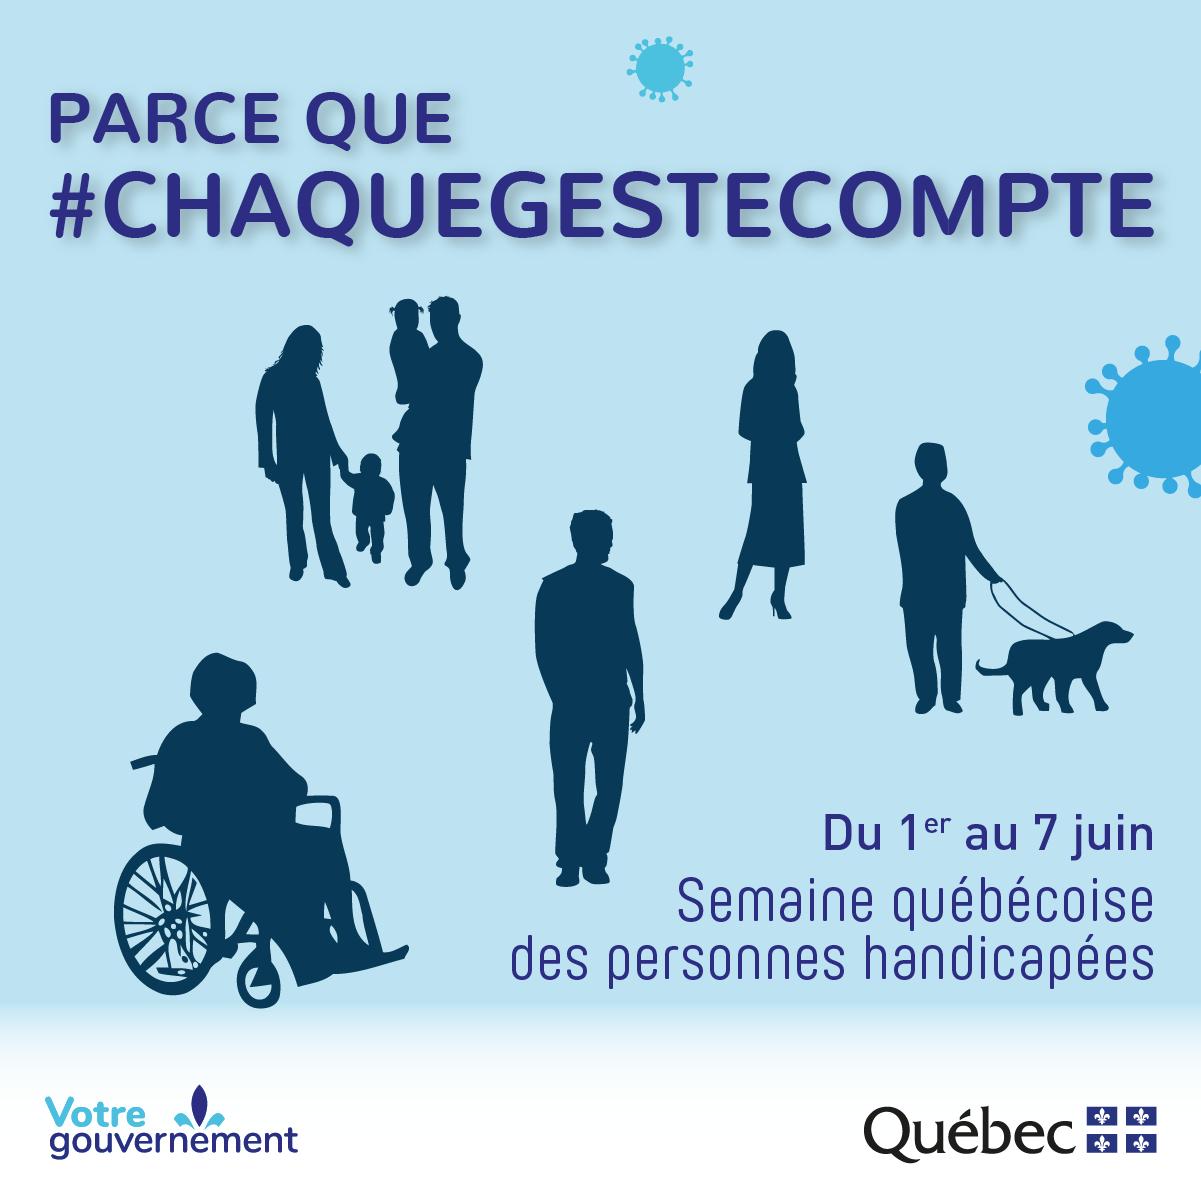 Semaine québécoise des personnes handicapées